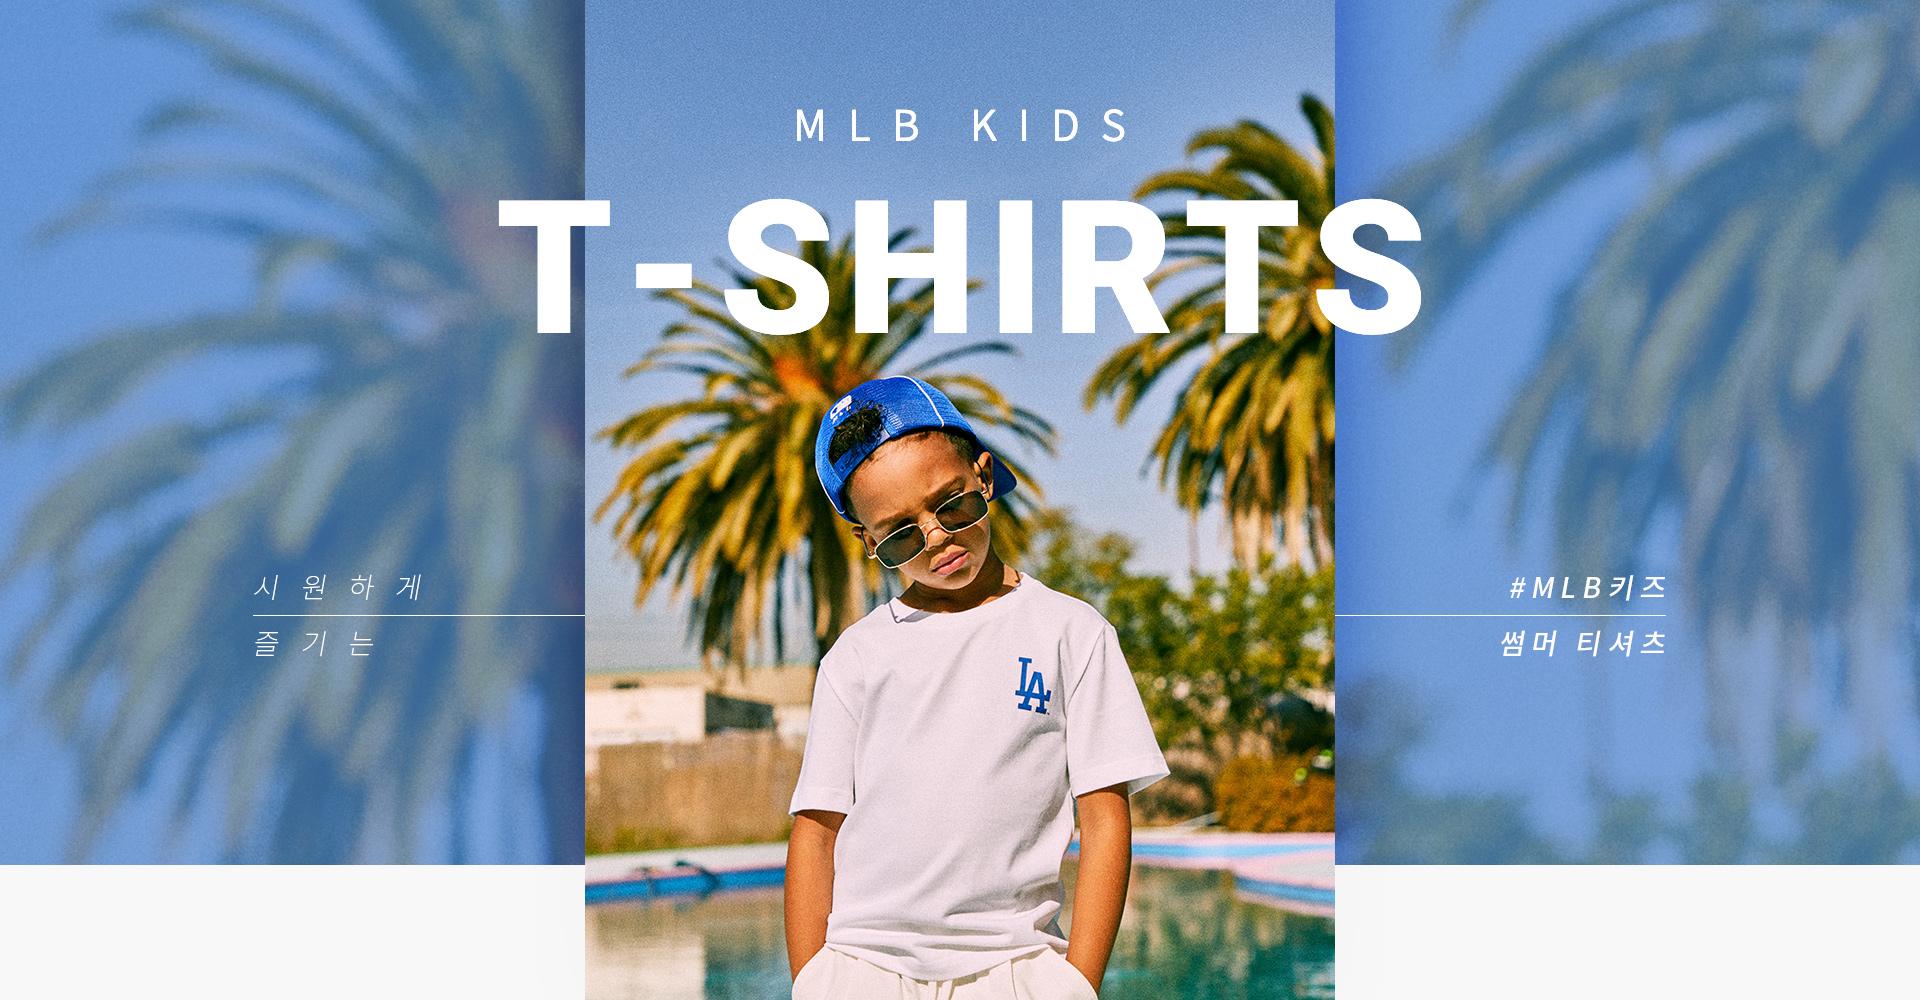 시원하게 즐기는 #MLB키즈 썸머 티셔츠 MLB KIDS T-SHIRTS